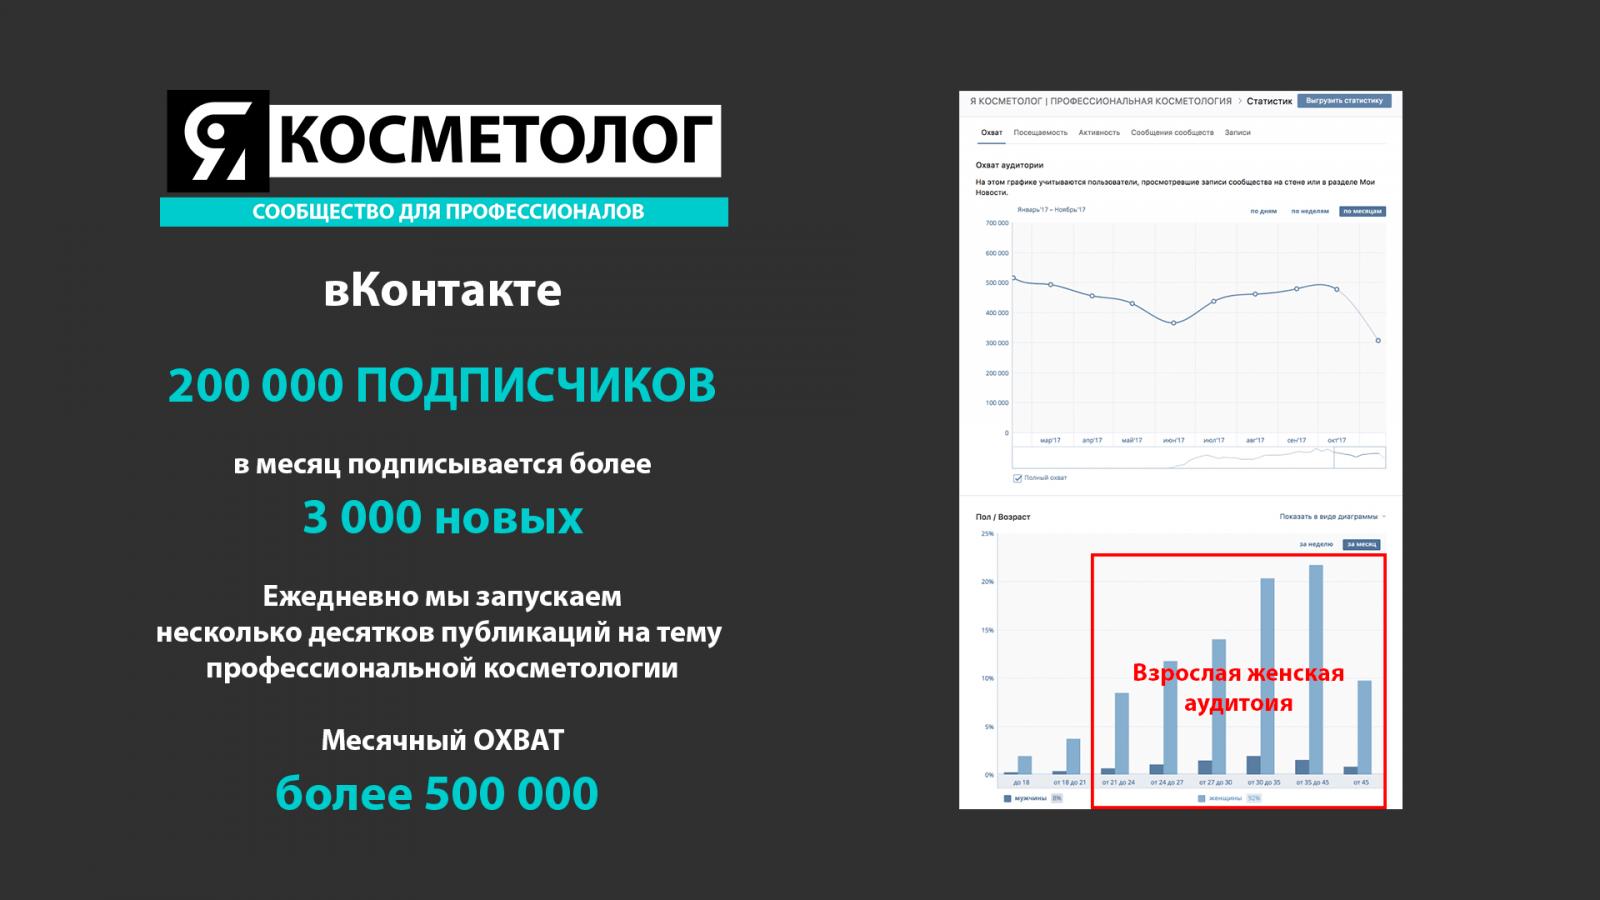 510 Презентация ЯКОСМЕТОЛОГ вКонтакте.png